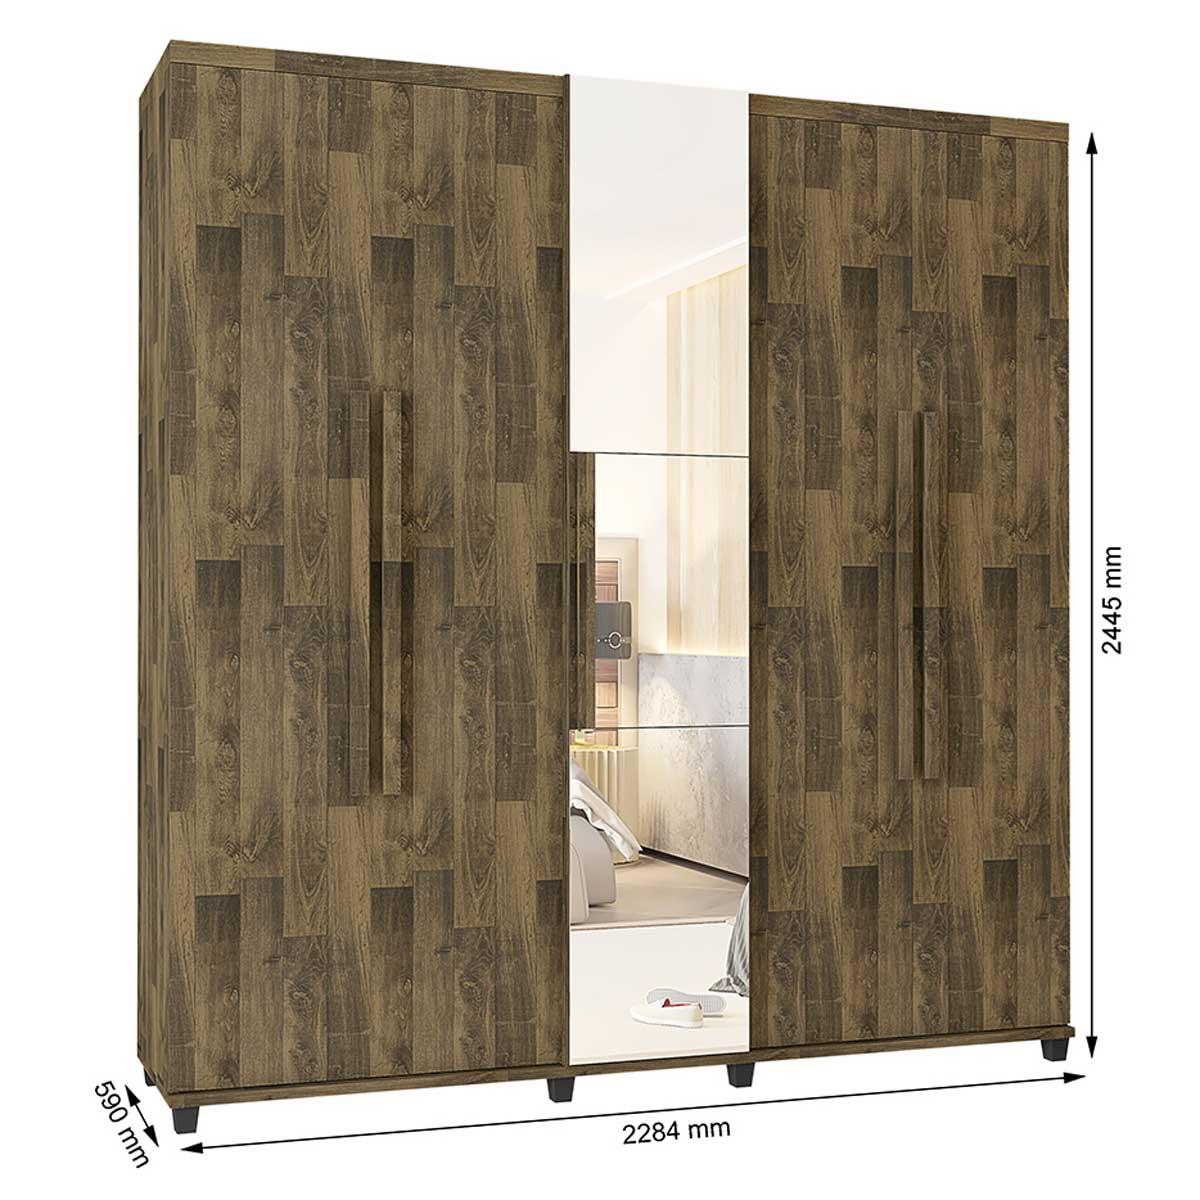 Guarda-Roupa Casal Munique 5 Portas com Espelho Amadeirado - RV Móveis